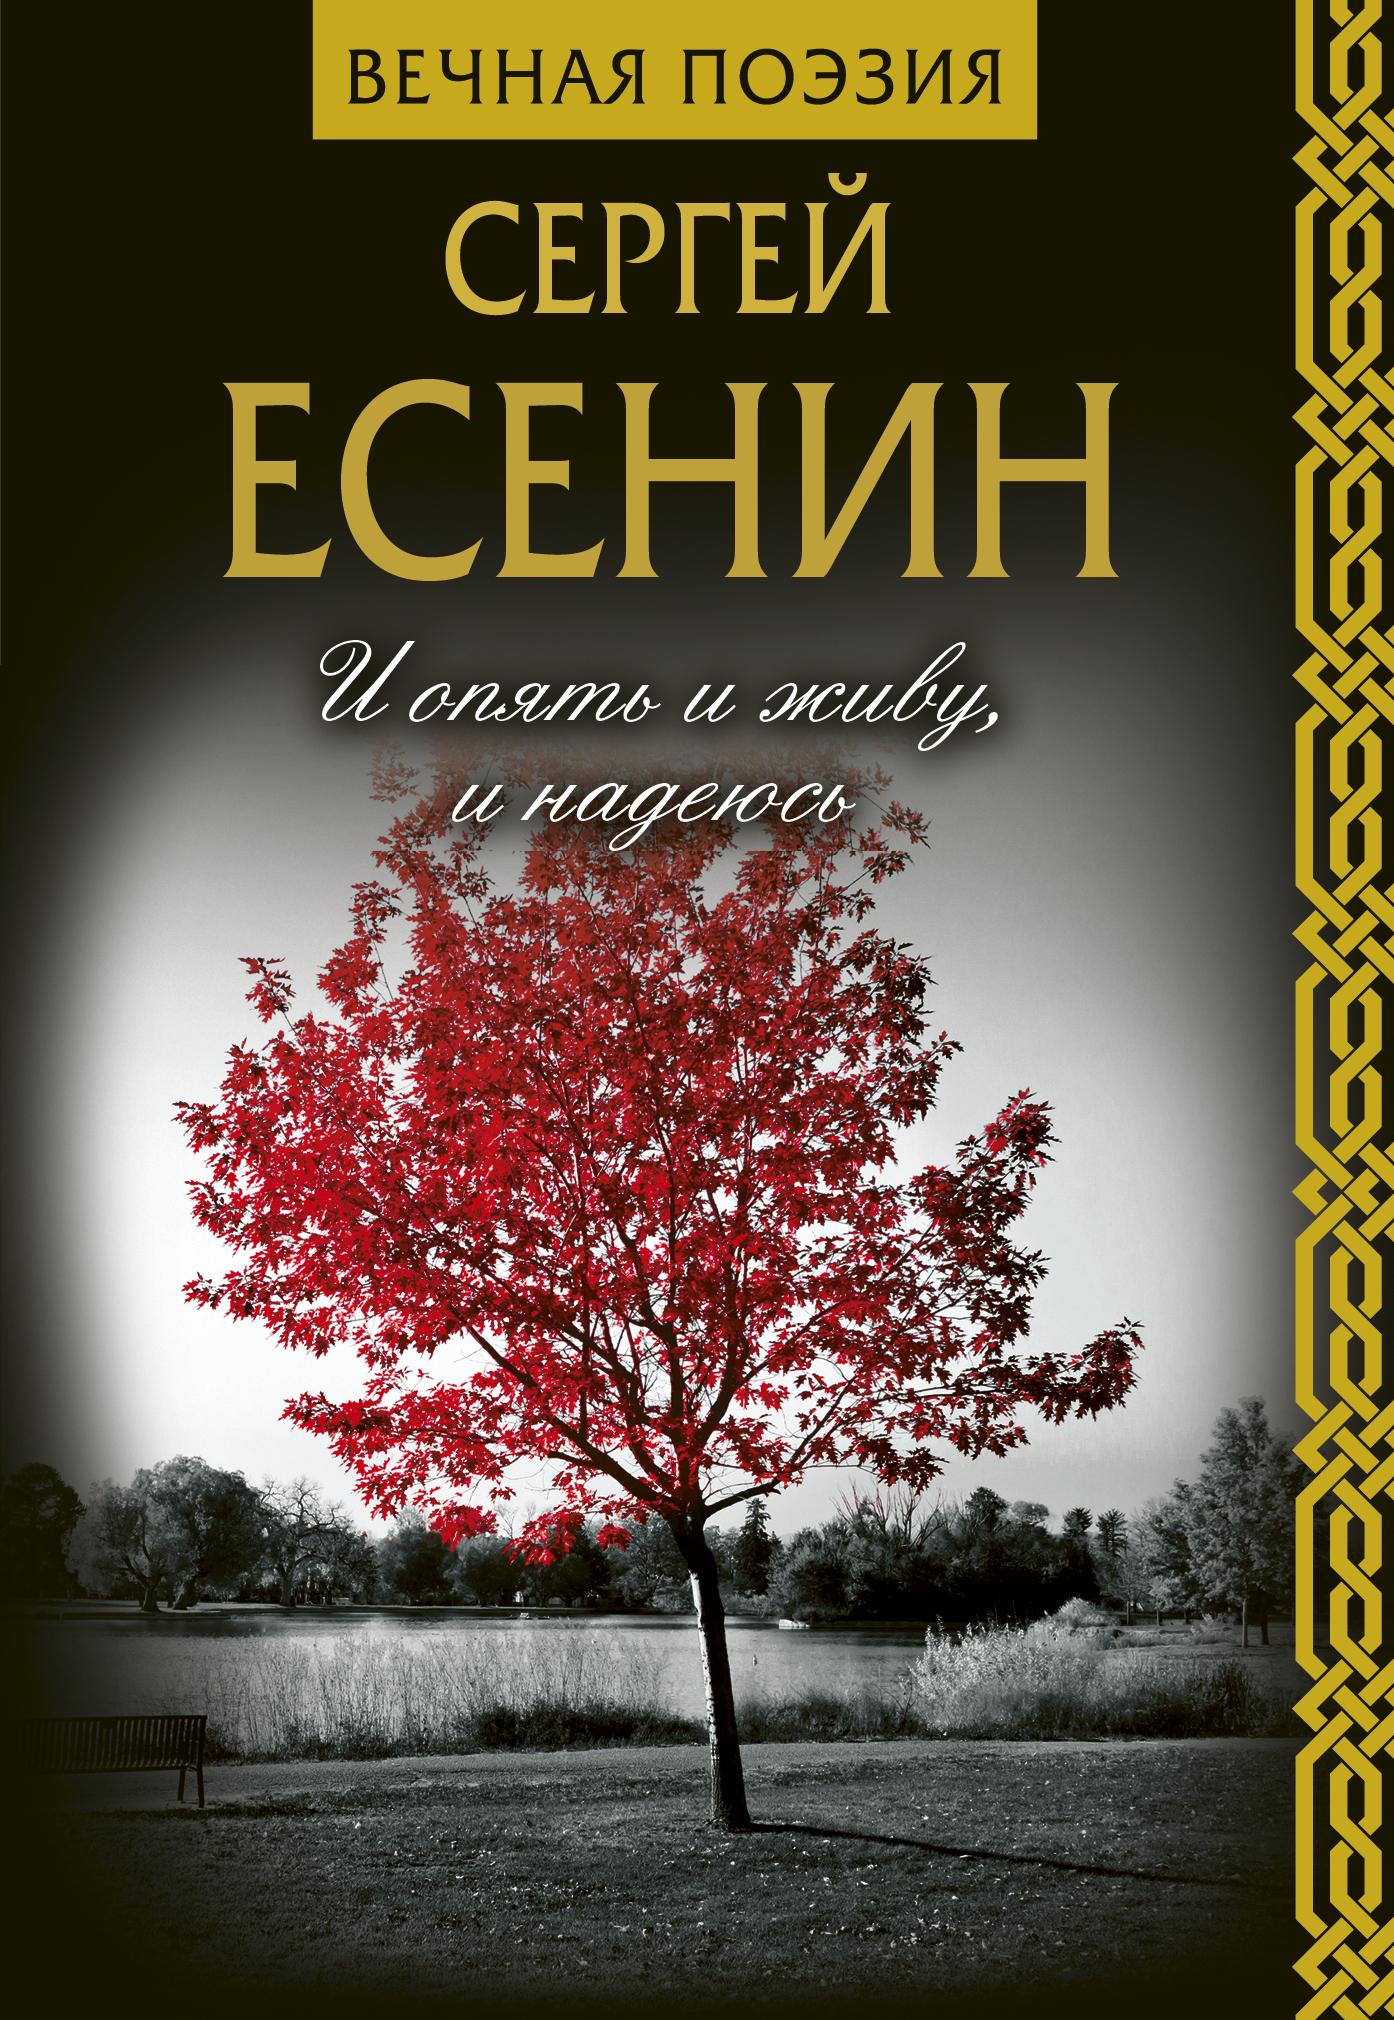 Сергей Есенин И опять и живу, и надеюсь есенин с сергей есенин сочинения 1910 1925 годов